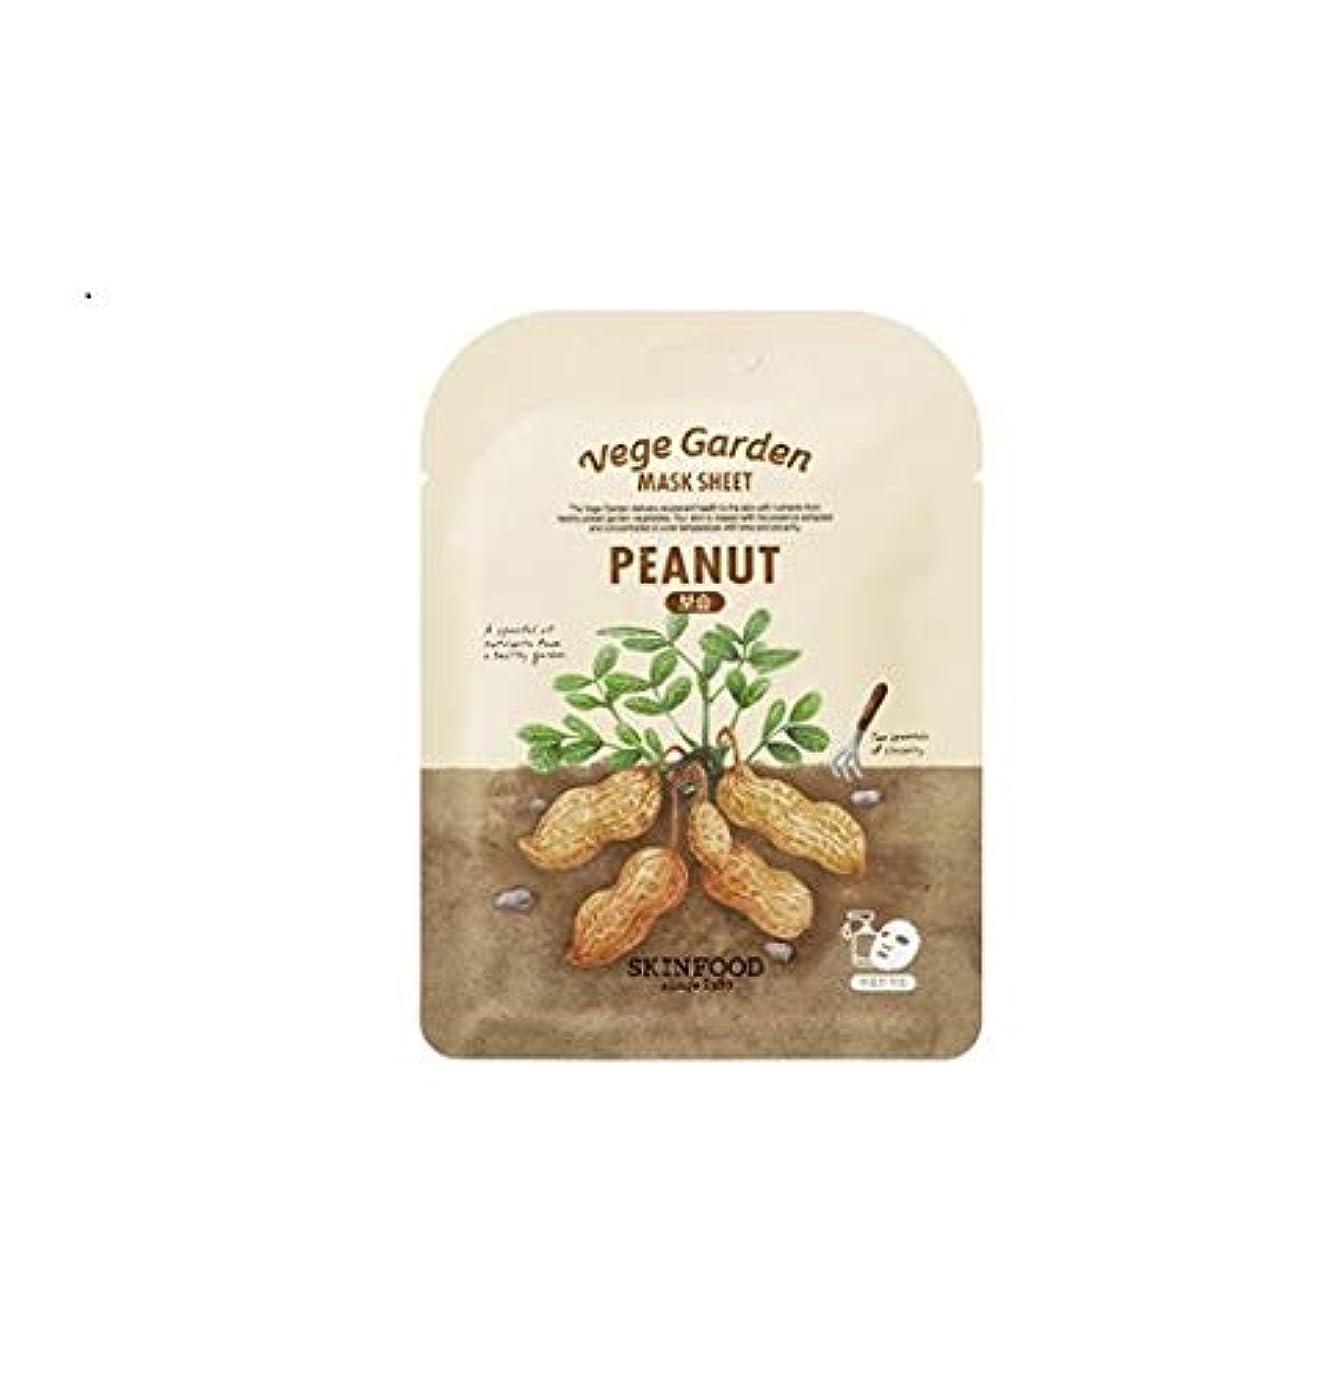 バック項目鷹Skinfood ベジガーデンマスクシート#ピーナッツ* 10ea / Vege Garden Mask Sheet#peanut *10ea 20ml*10 [並行輸入品]